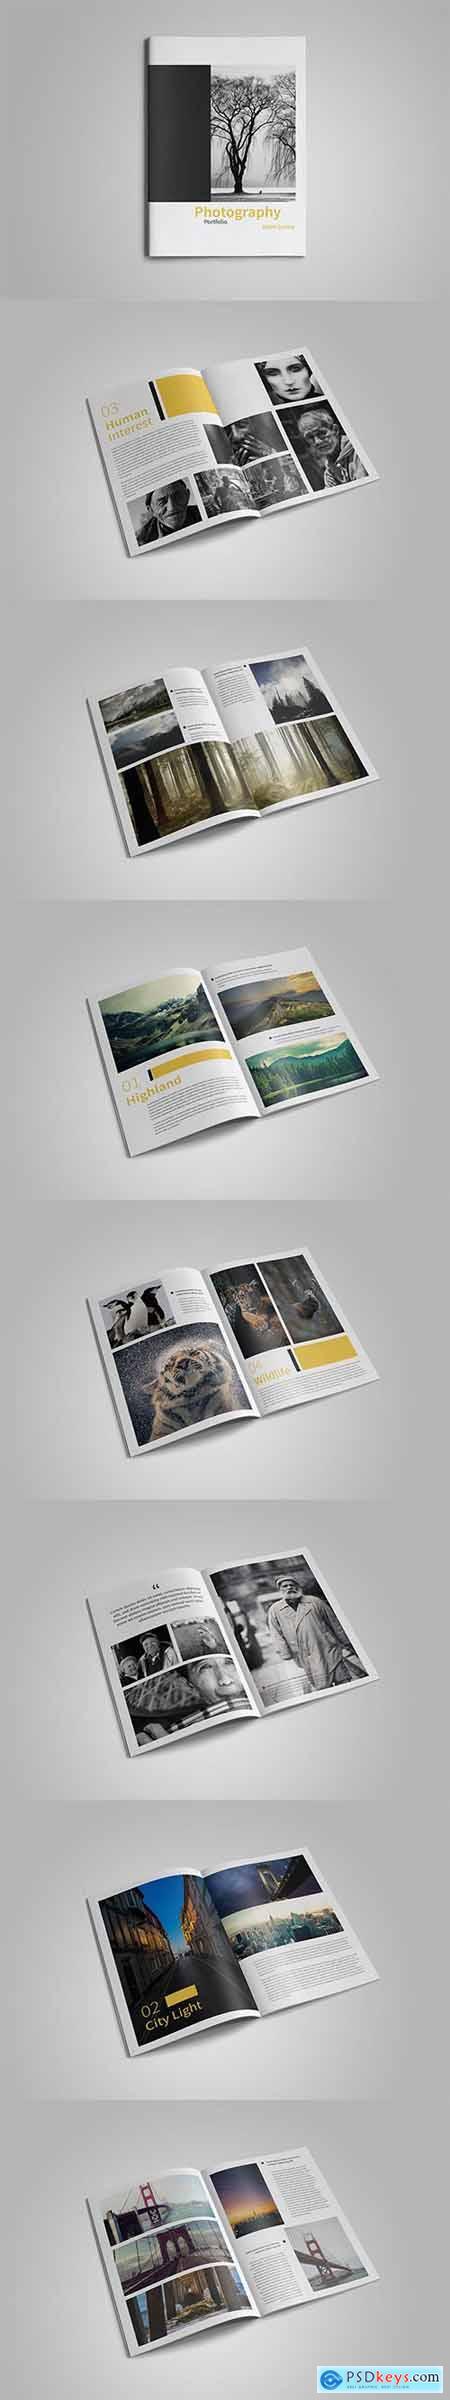 HQ - A4 Photography Portfolio V1